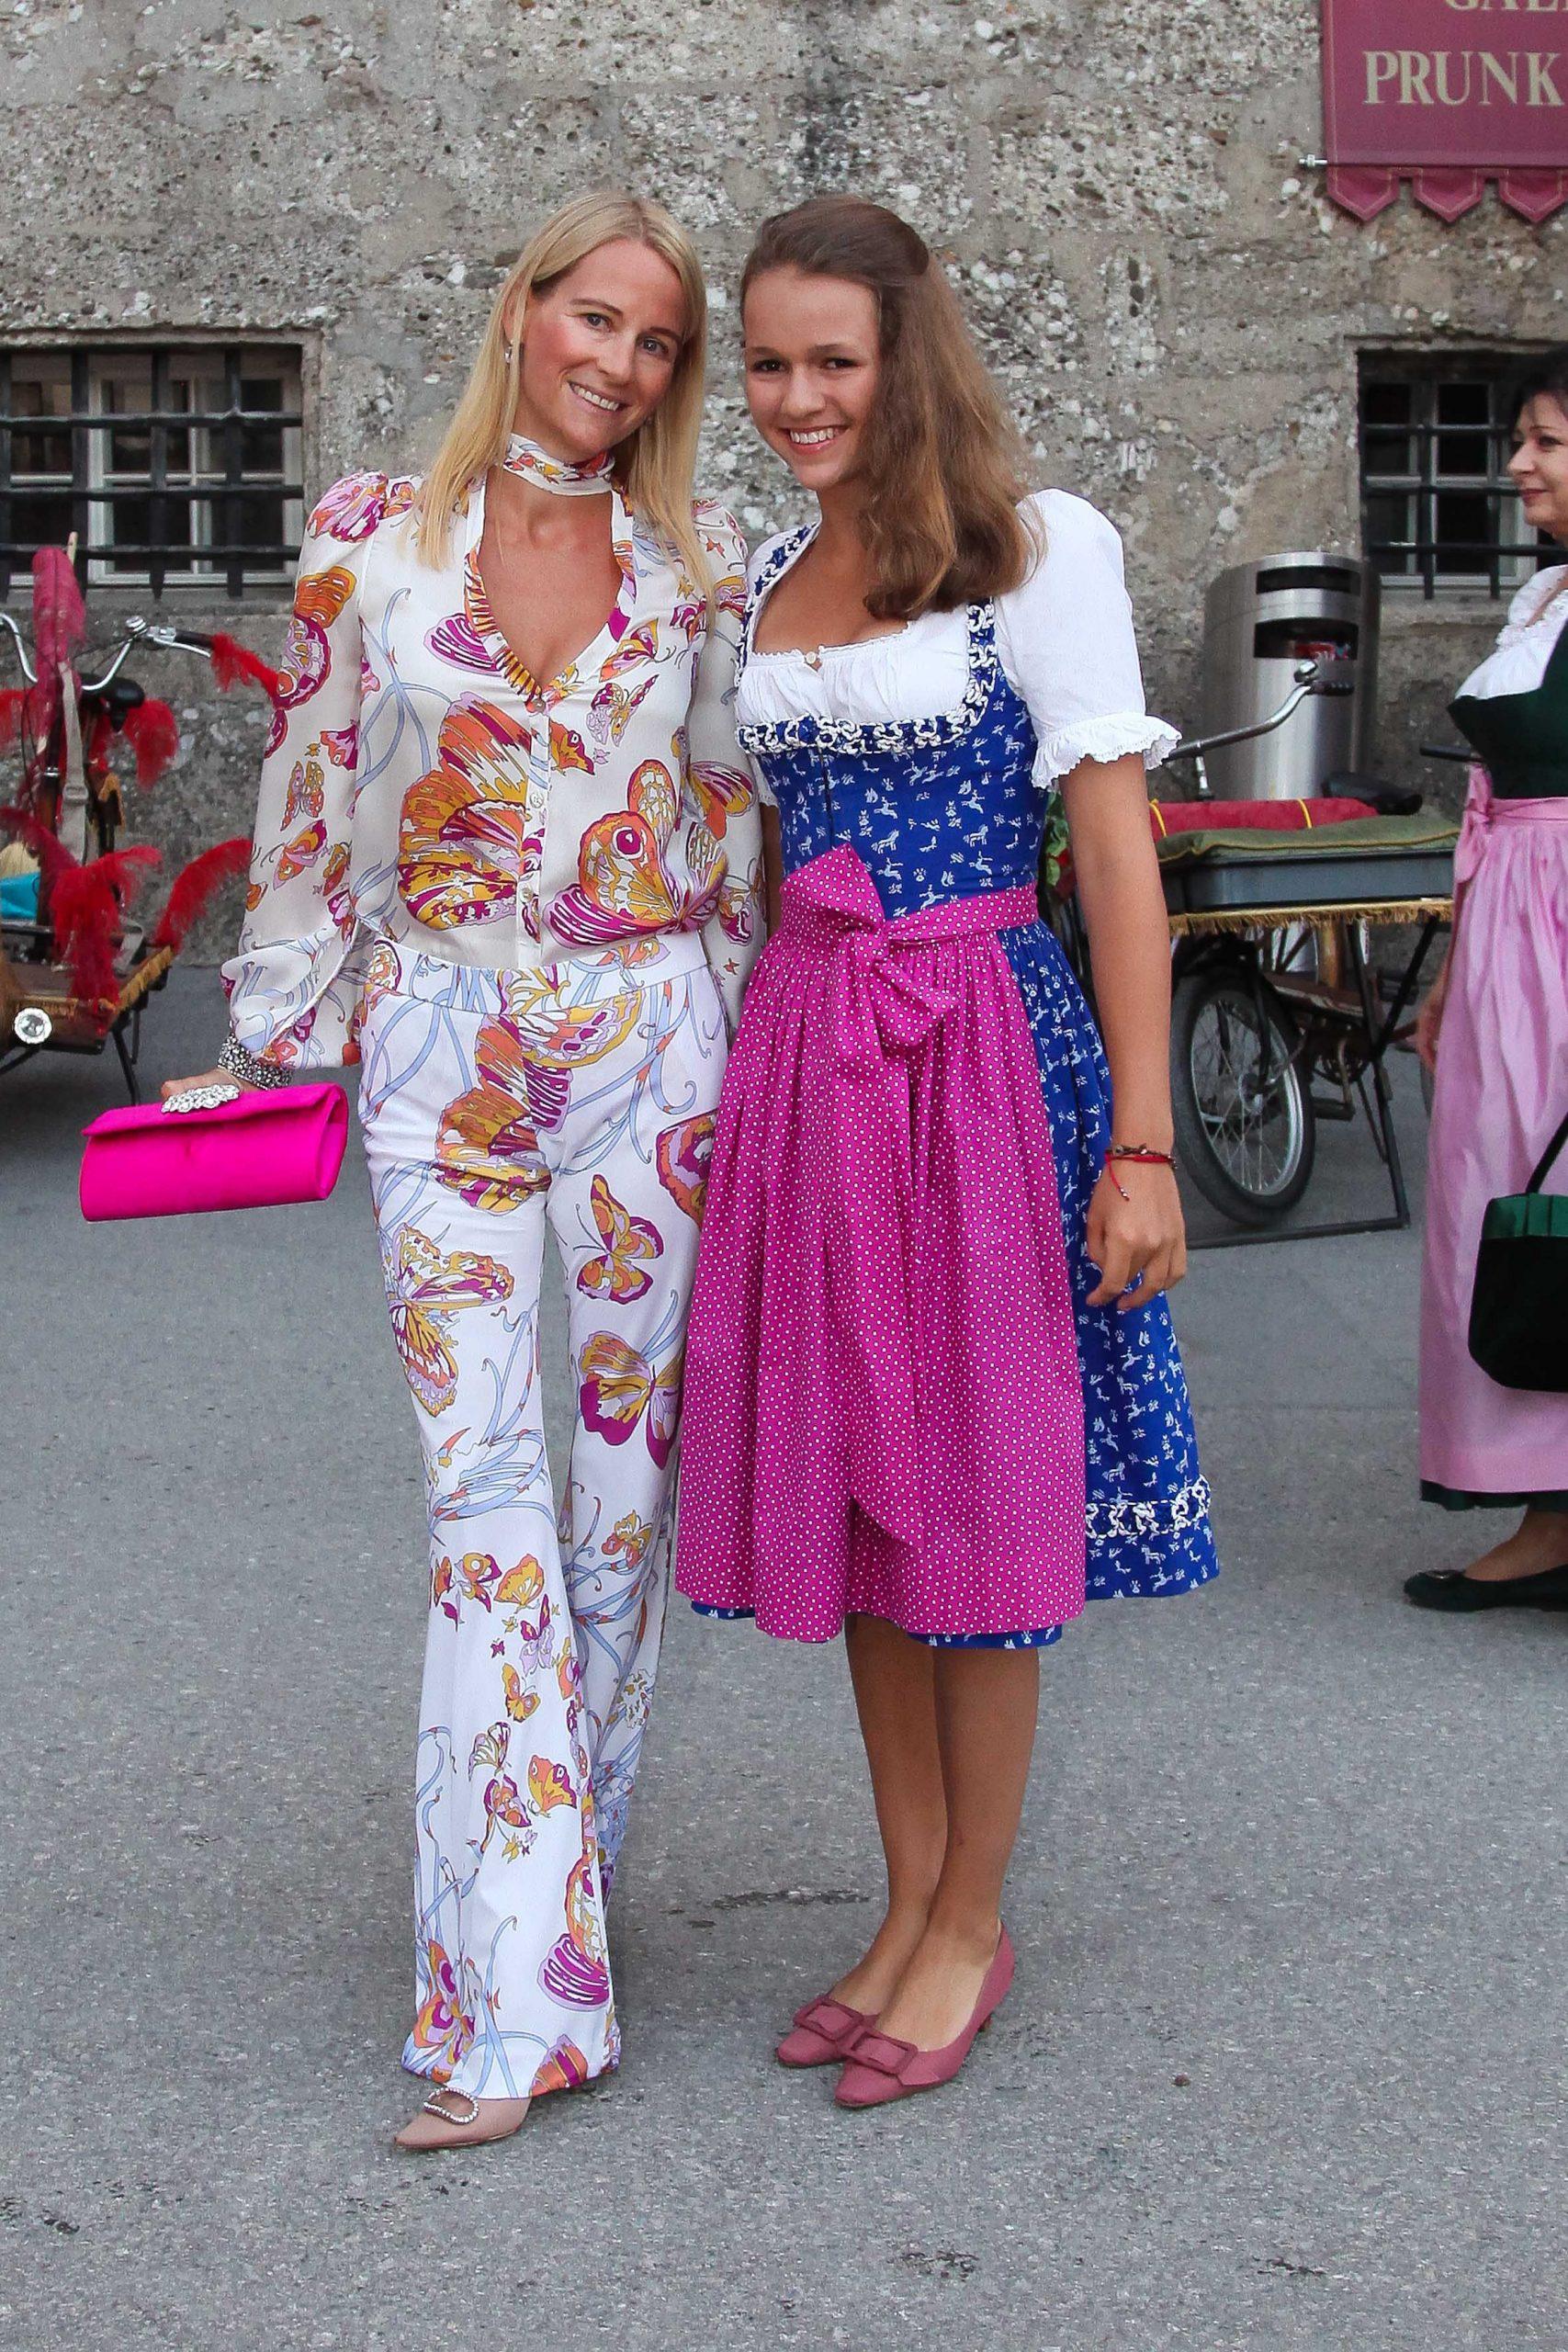 Perfekt Abendkleider Salzburg Galerie10 Wunderbar Abendkleider Salzburg Galerie